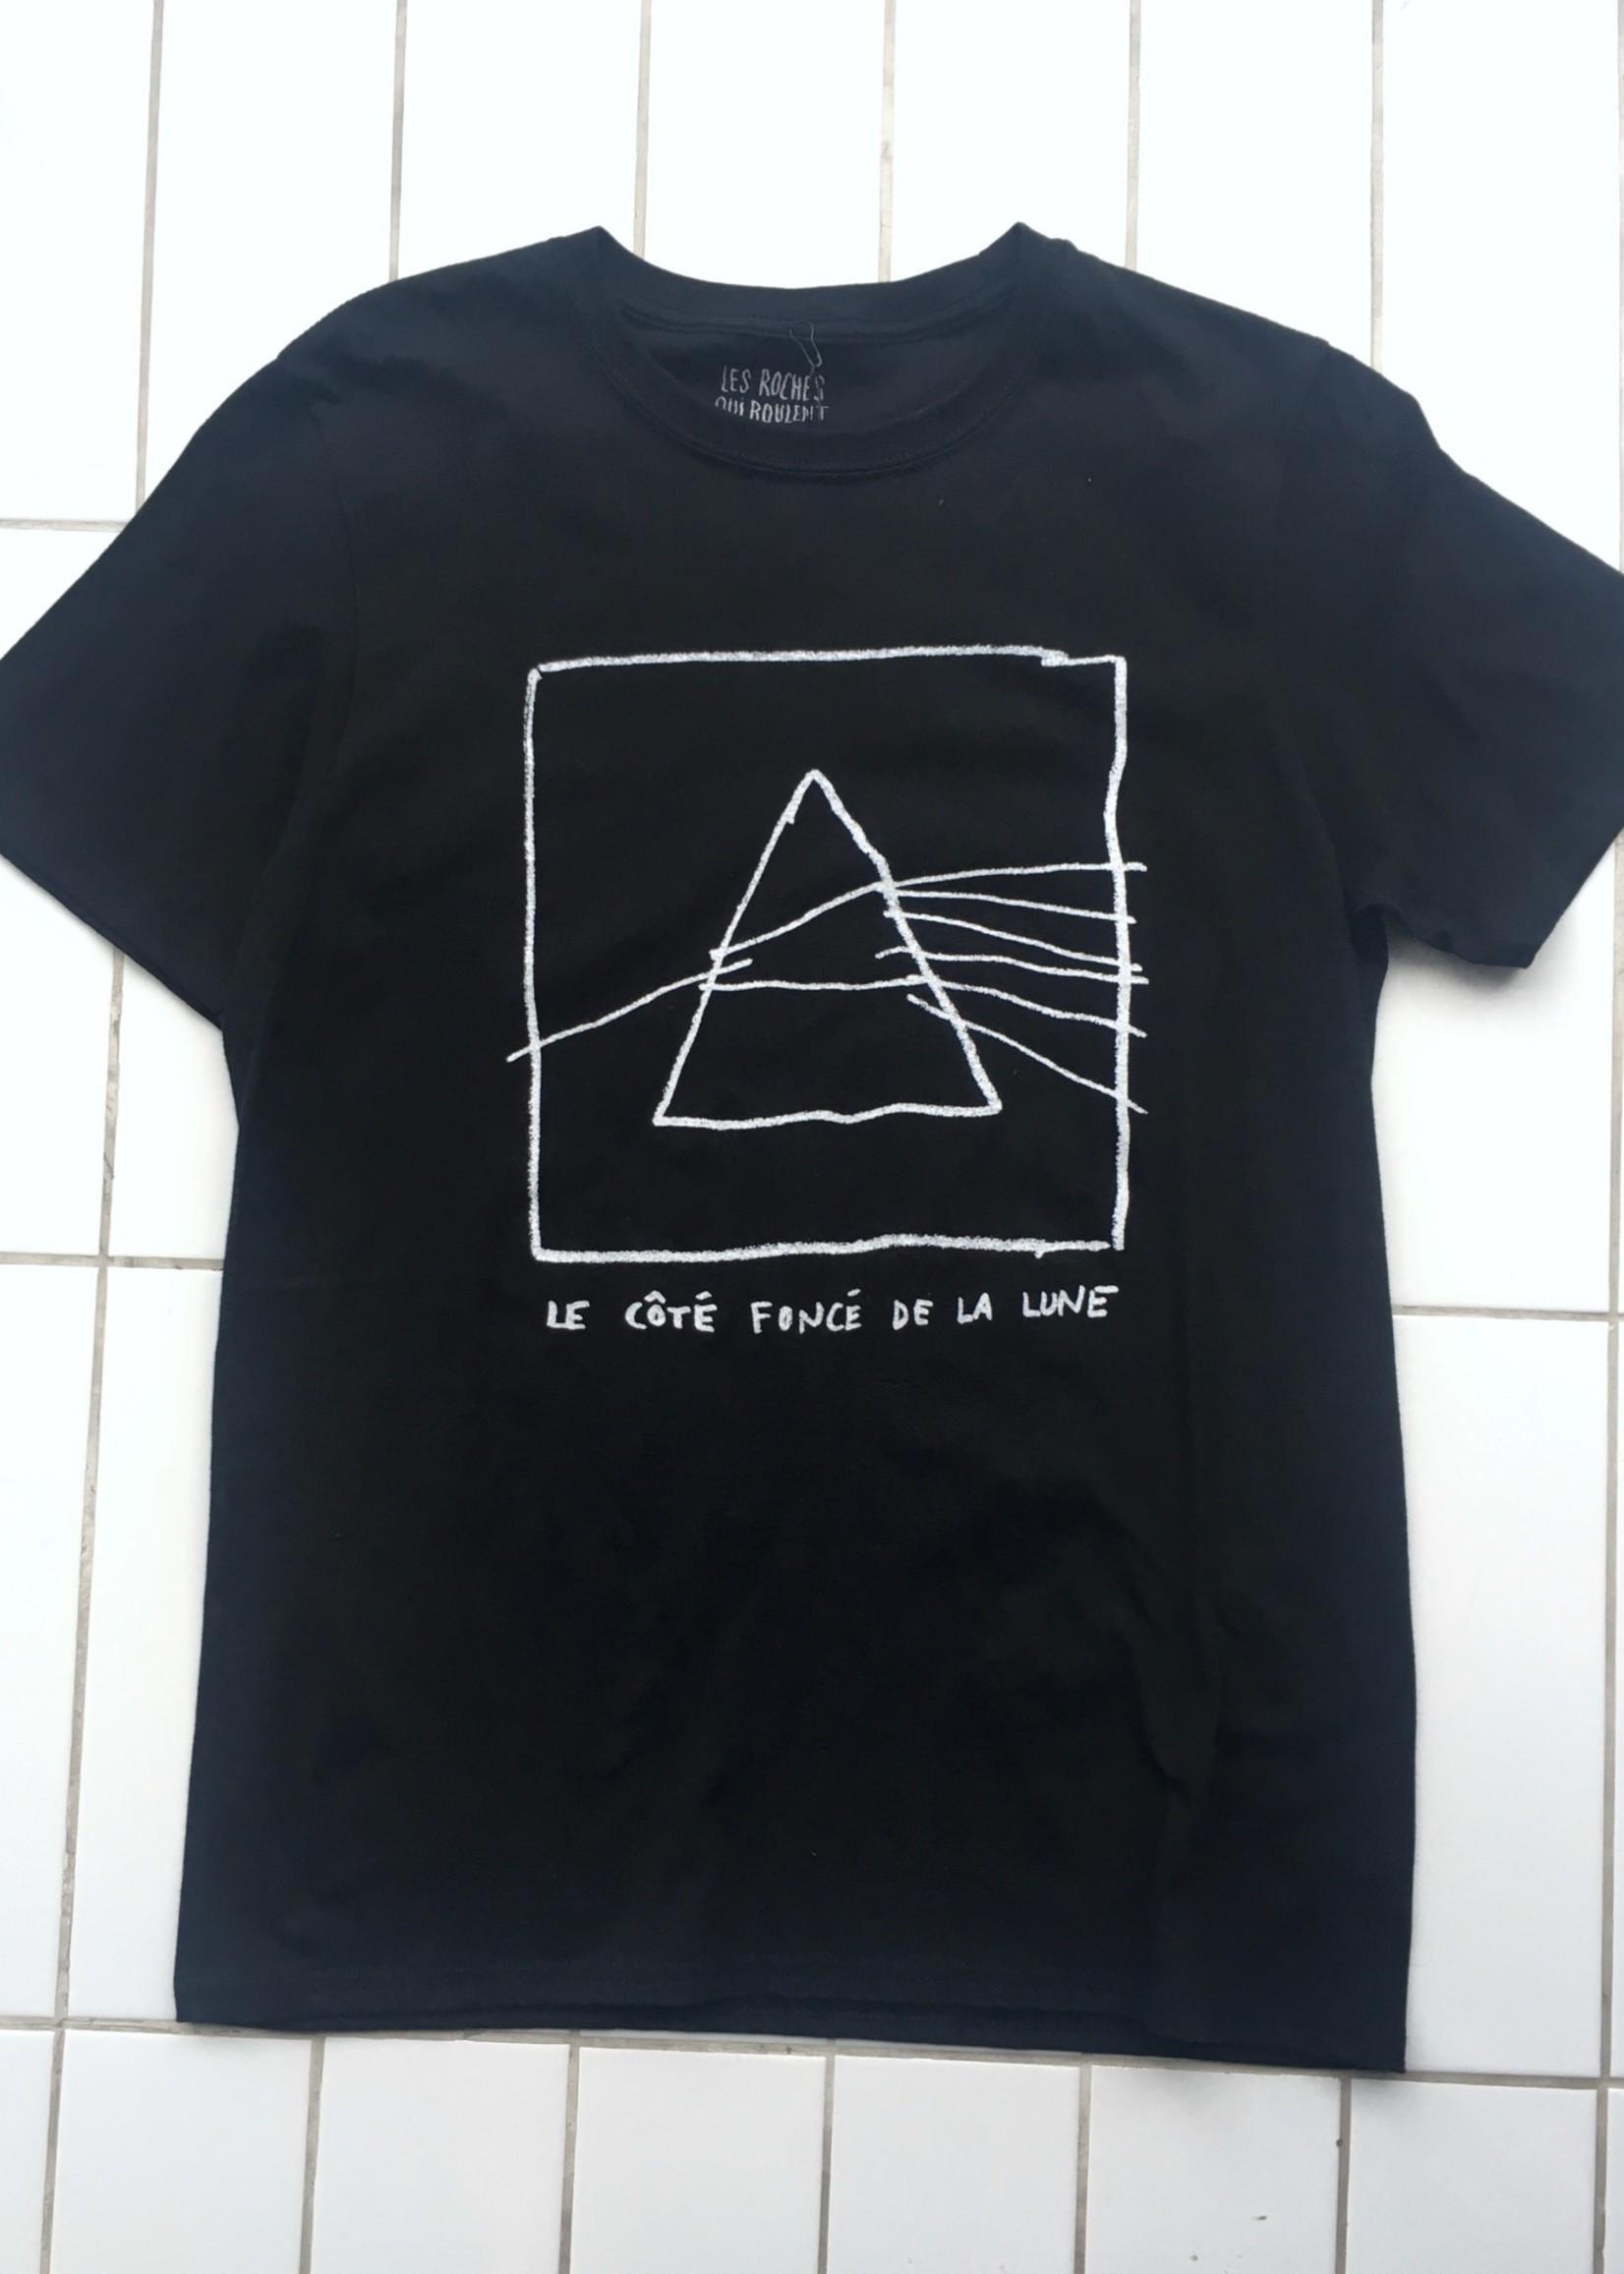 Les Roches Qui Roulent T-shirt Le Côté Foncé de la Lune